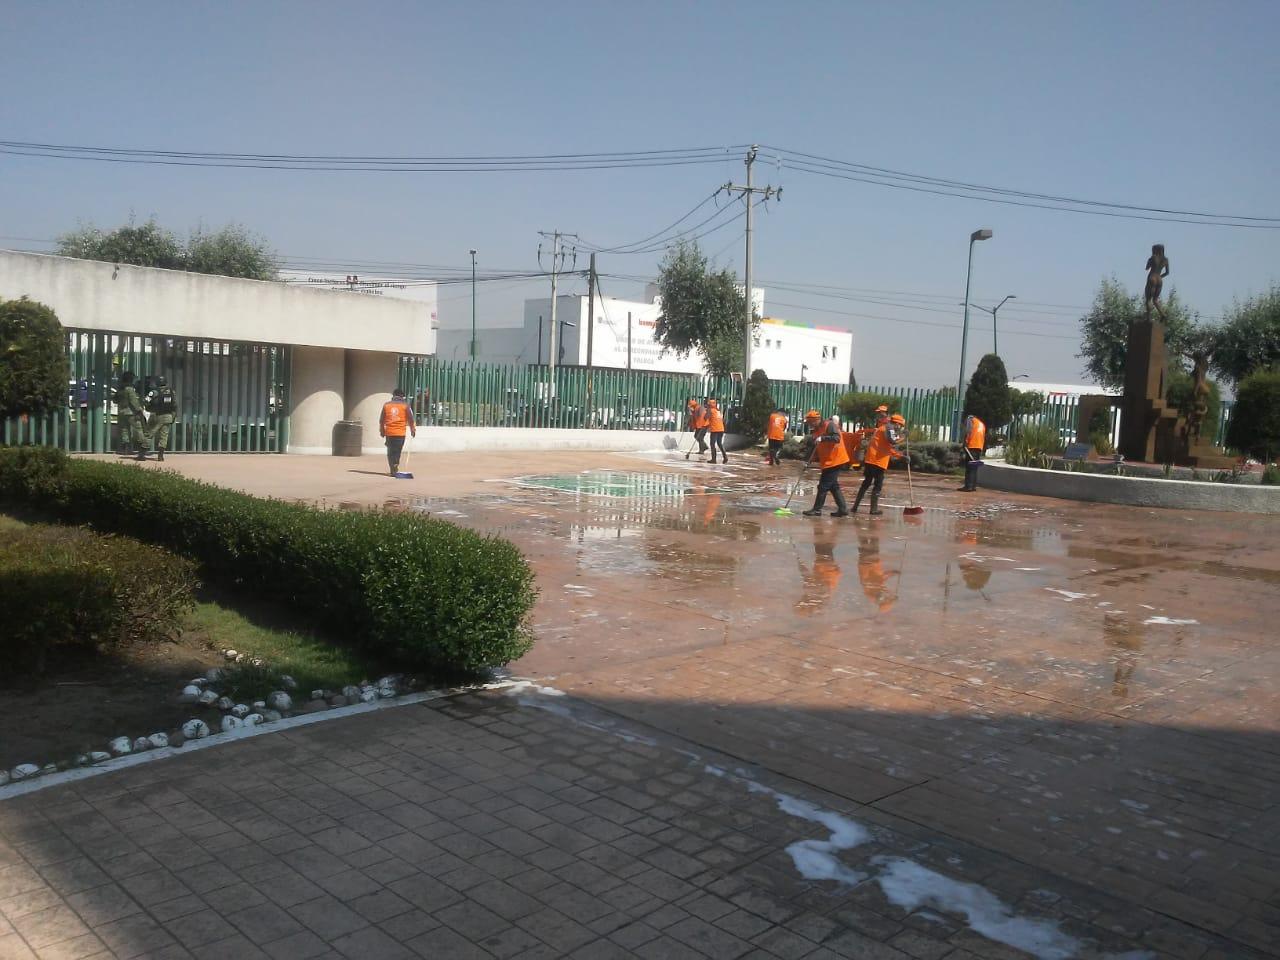 Continúa Toluca sanitización y limpieza de áreas externas en hospitales, albergues y espacios públicos de todo el territorio municipal